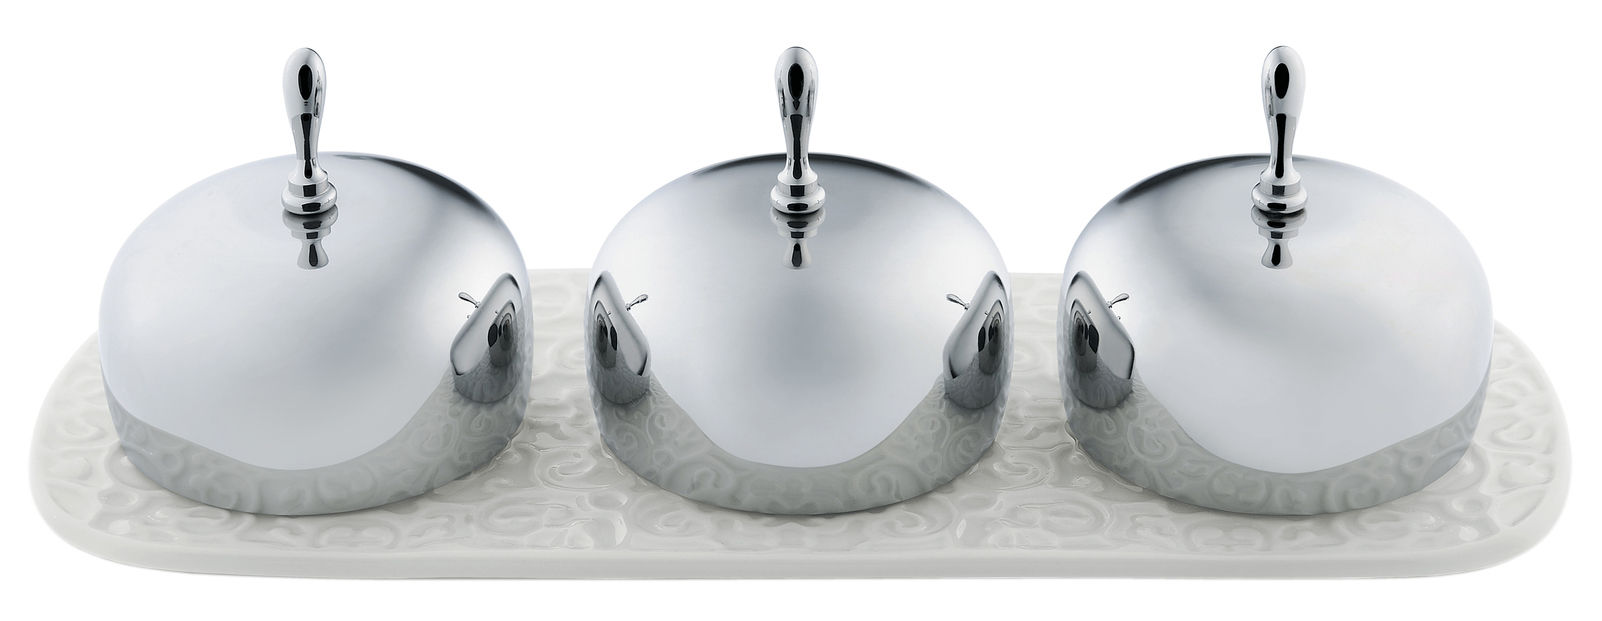 Arts de la table - Accessoires - Confiturier Dressed / 3 compartiments - Alessi - Blanc / Acier - Acier inoxydable, Porcelaine